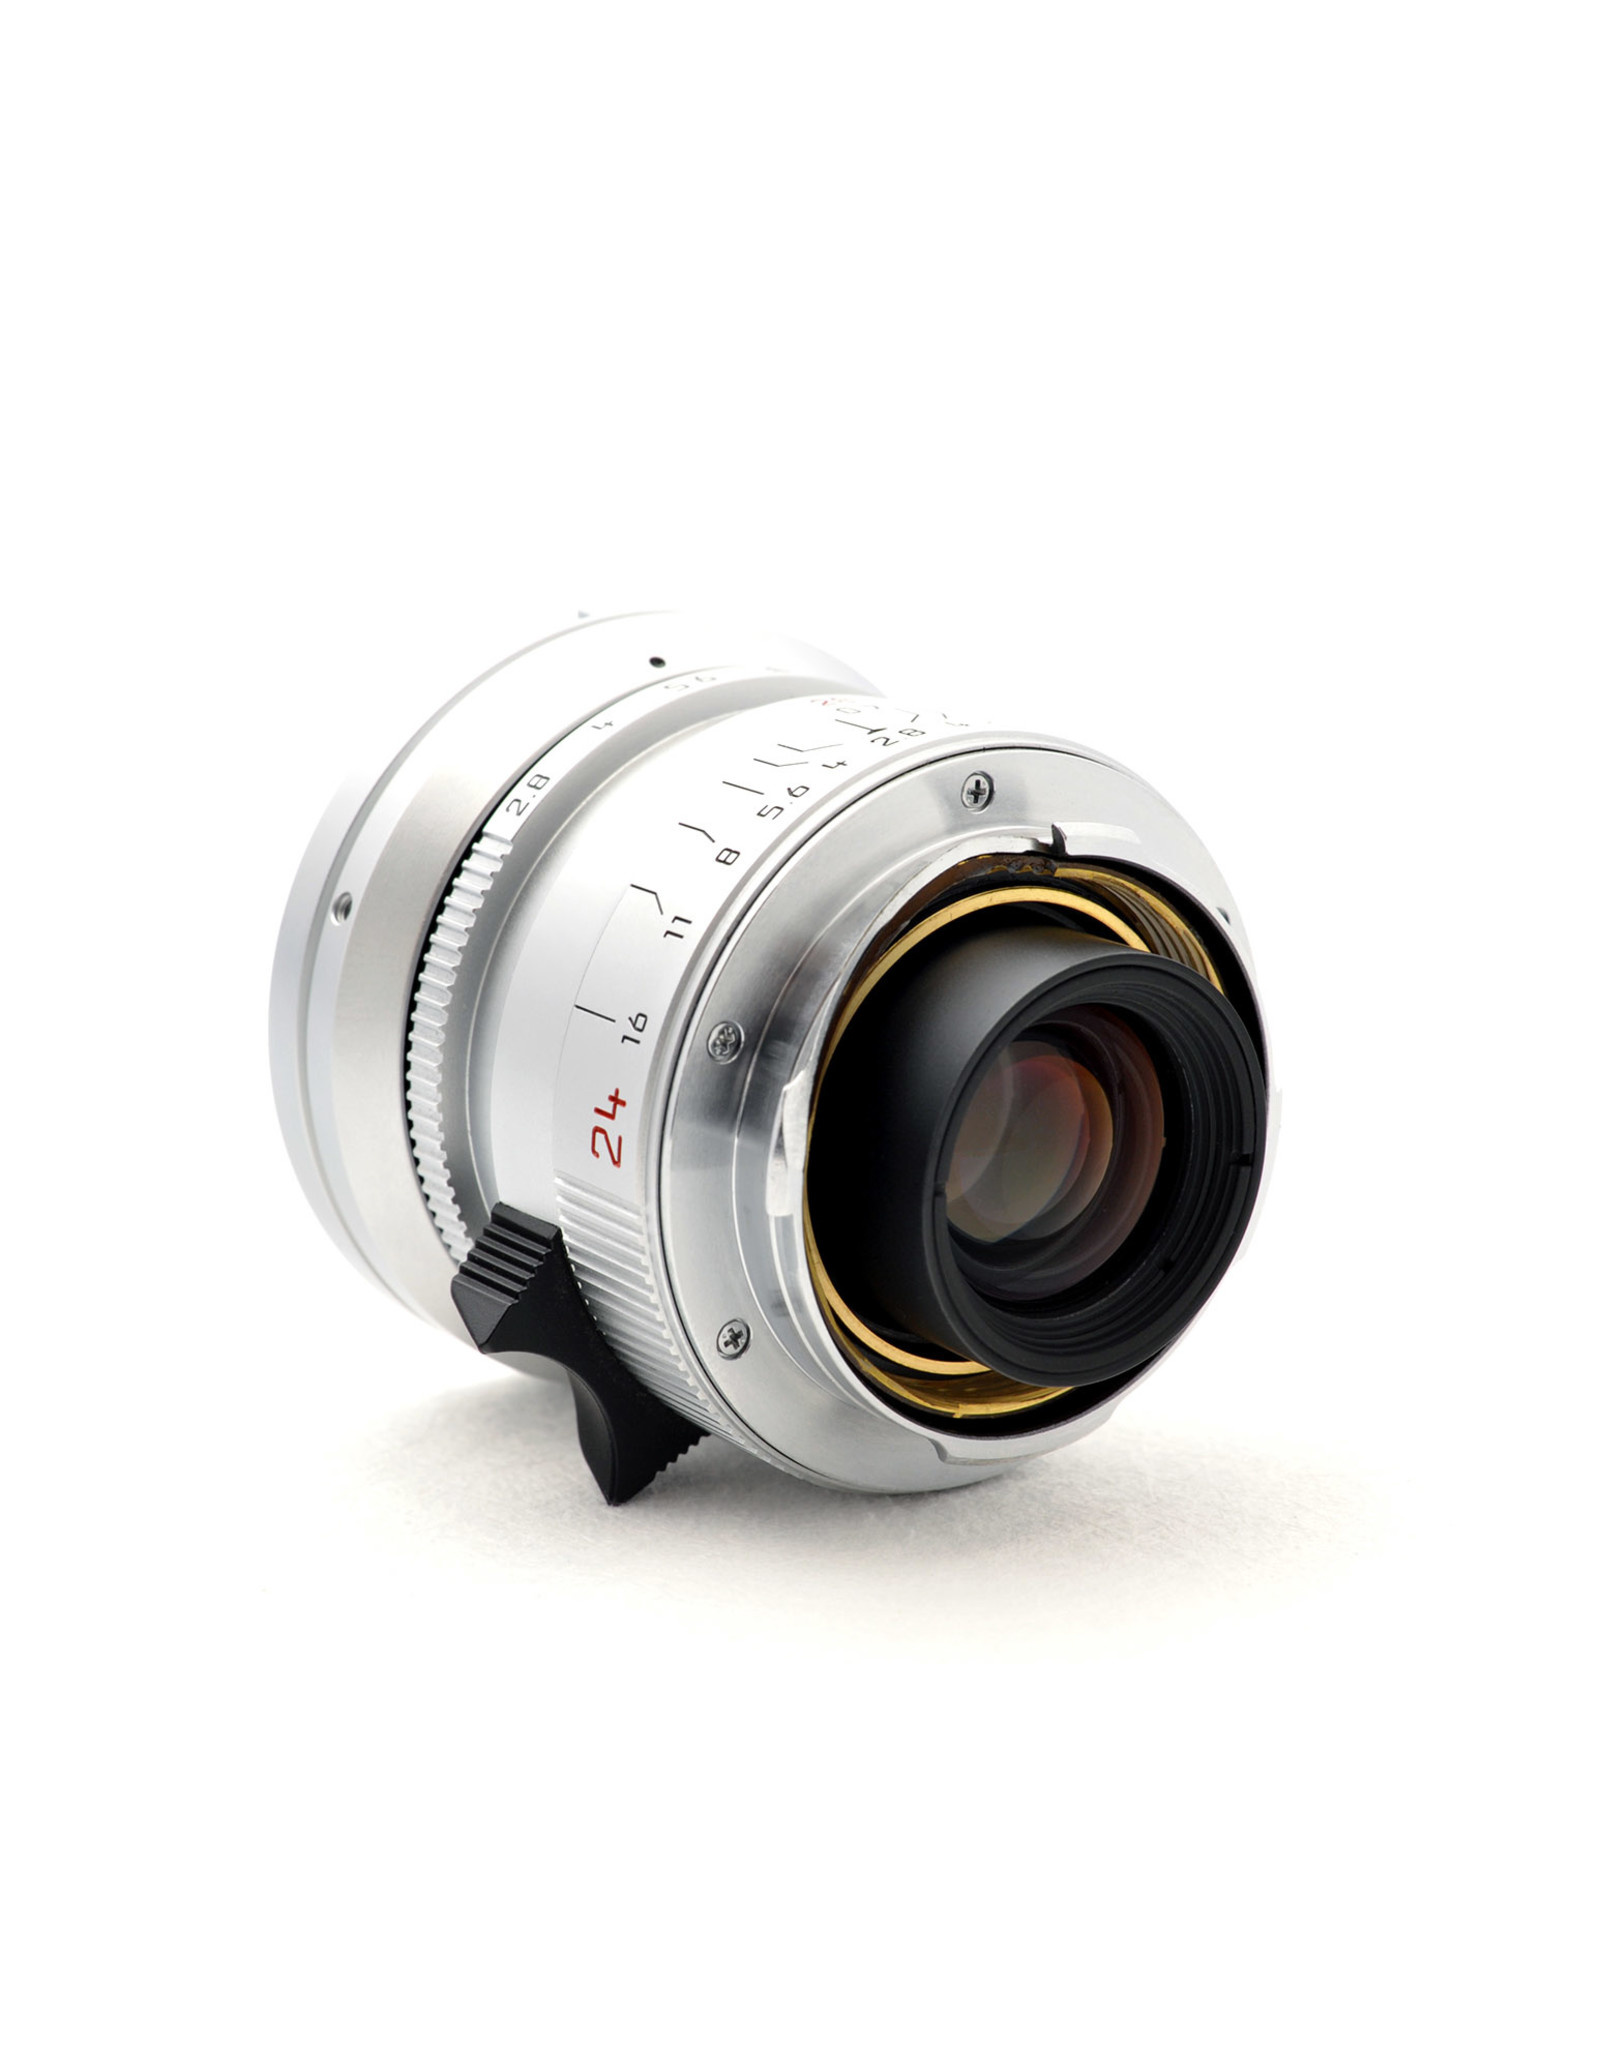 Leica Leica 24mm f2.8 Elmarit-M Silver Chrome   ALC120601